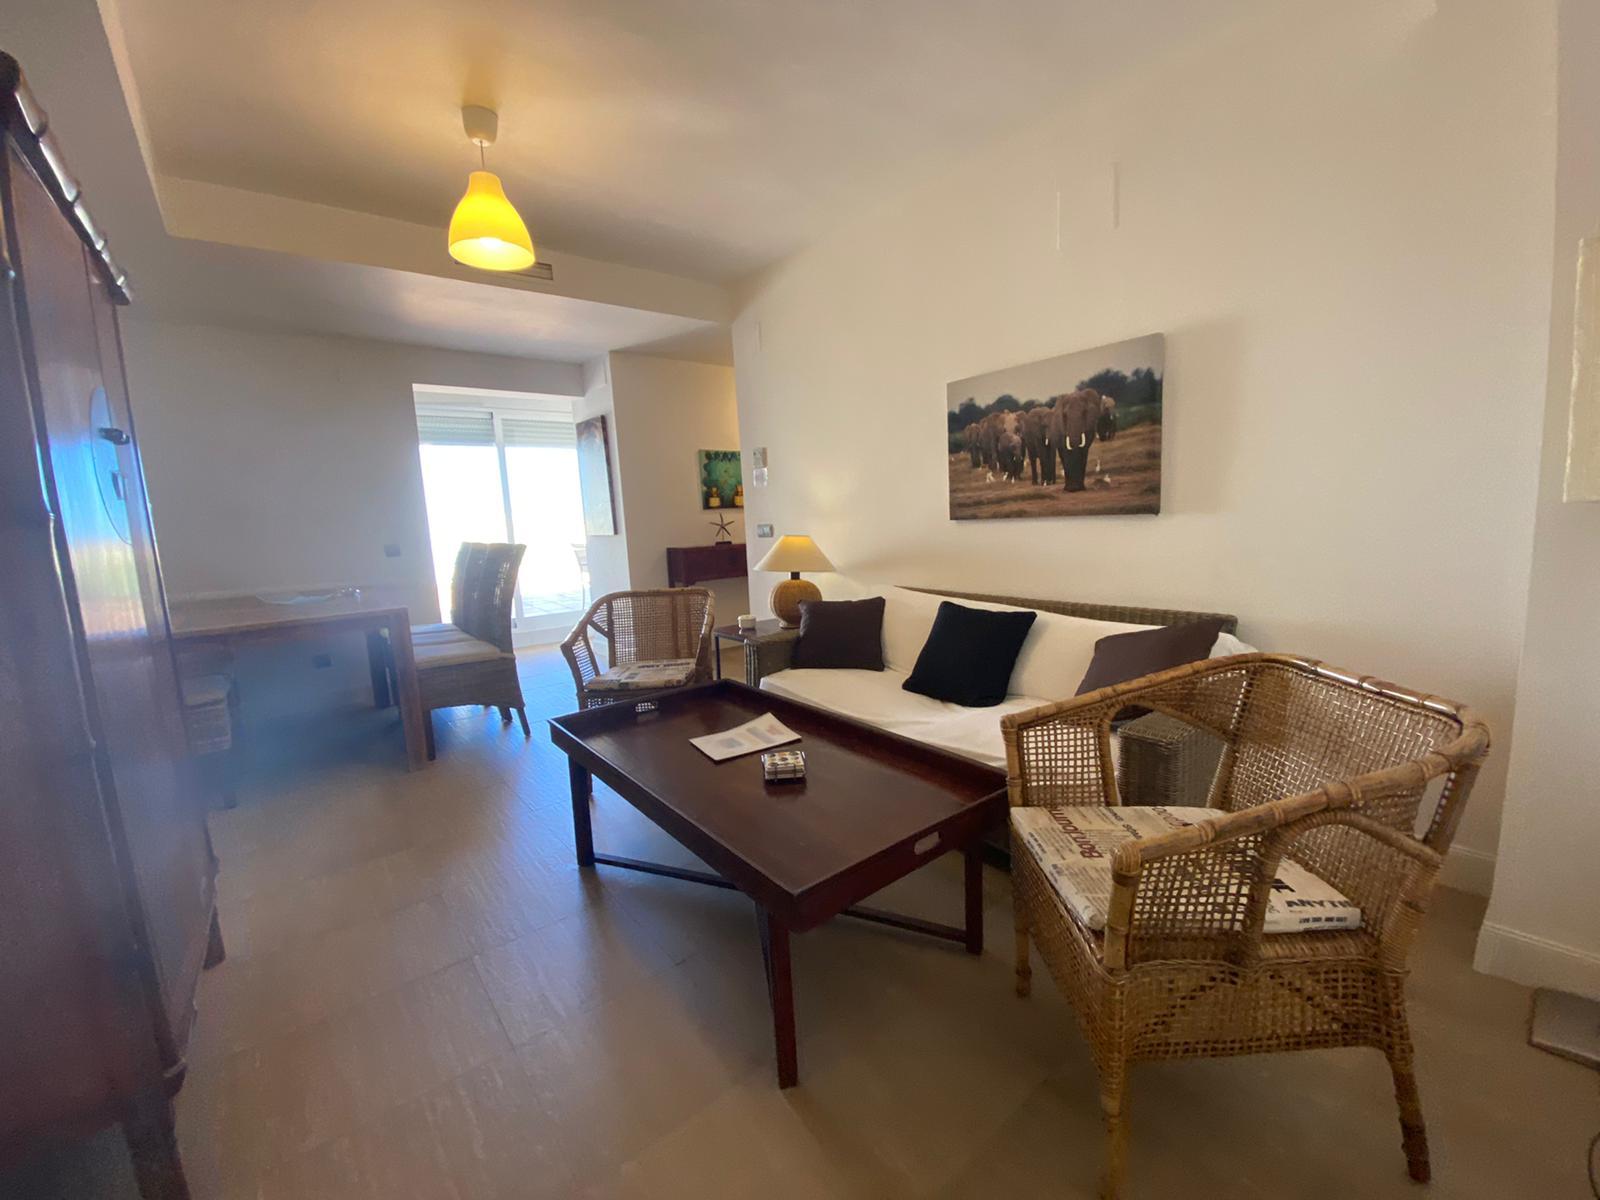 Imagen 5 del Apartamento Turístico, Ático 8 Poniente (3d+2b), Punta del Moral (HUELVA), Paseo de la Cruz nº22